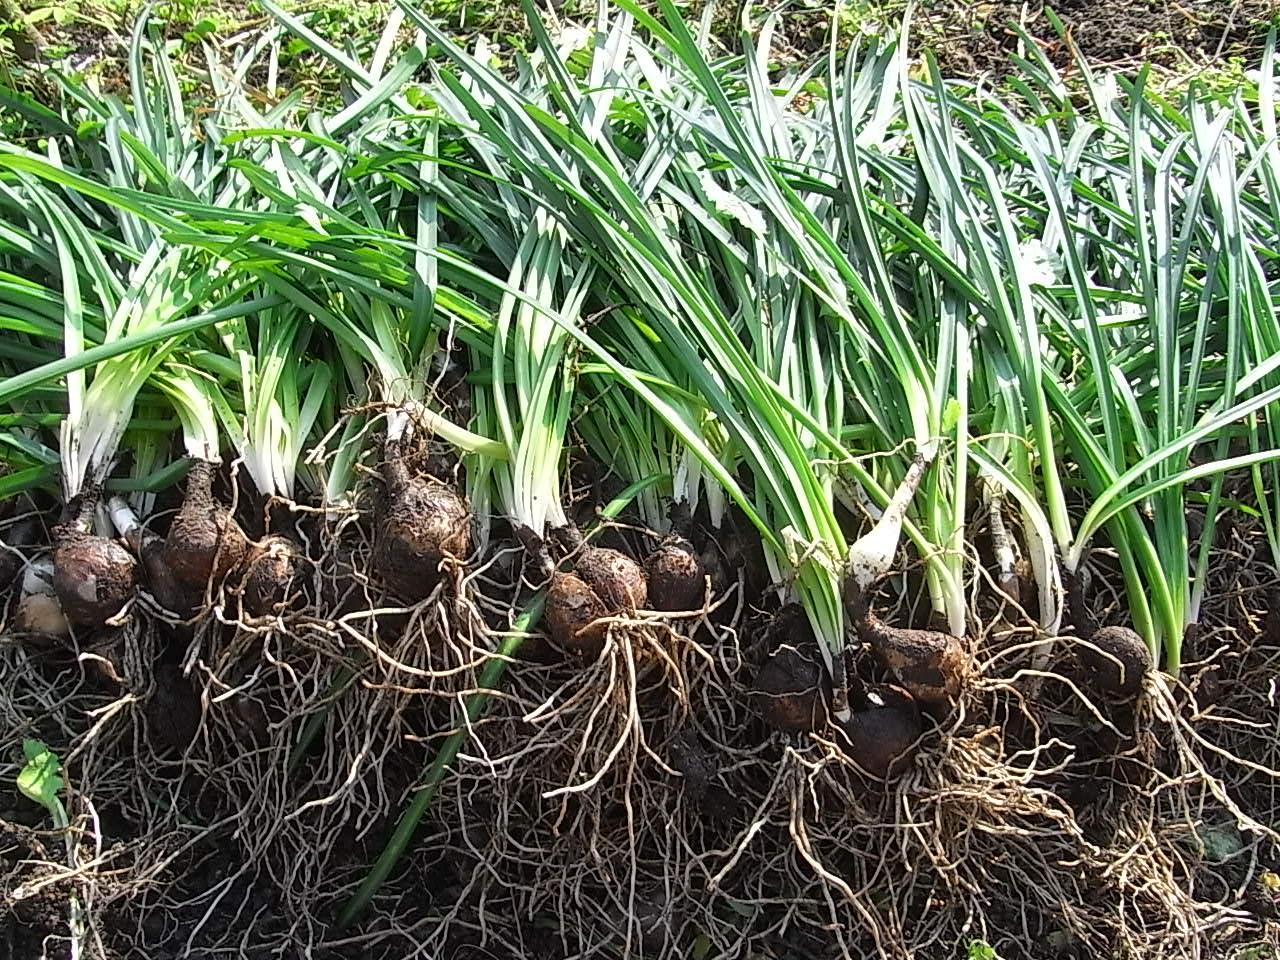 昔、彼岸花の球根は、飢饉のときの救荒植物だったらしいのですが、 分けてみたら、一株から100玉以上にもなりました。